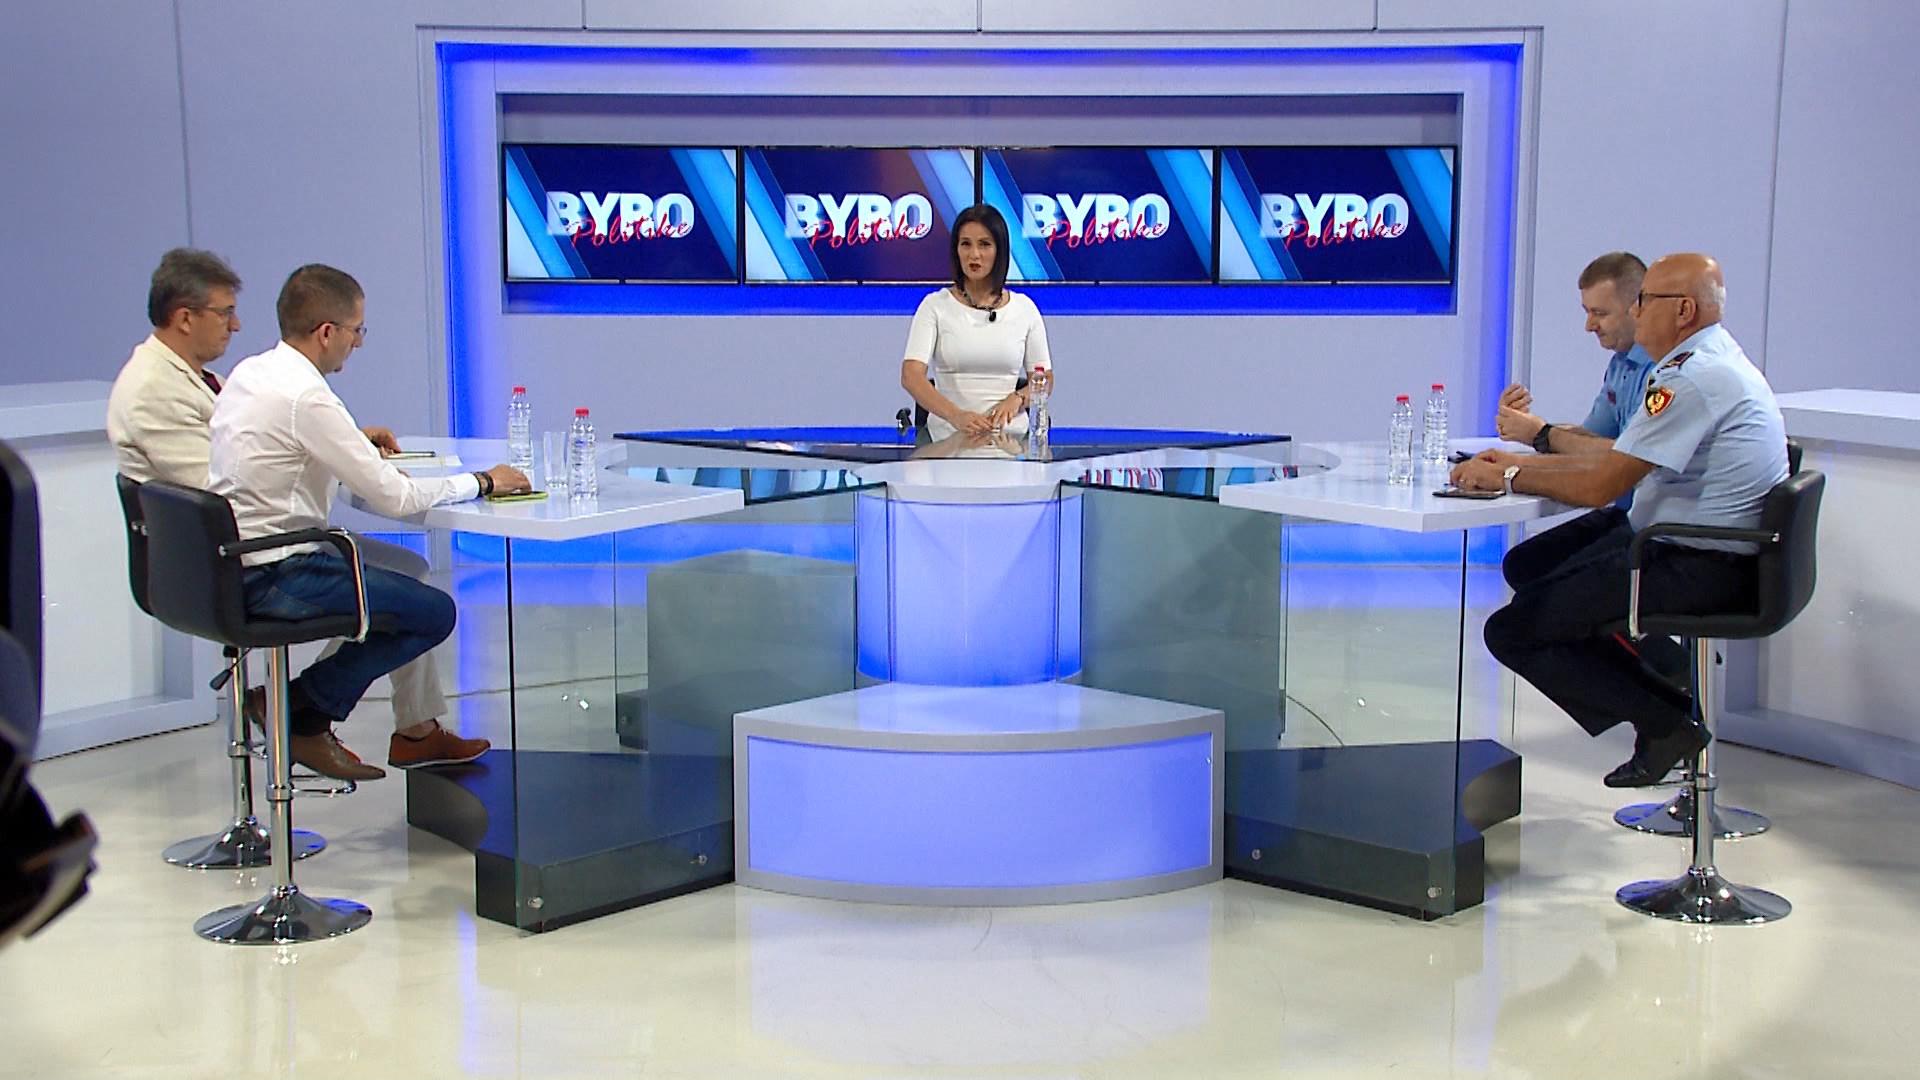 Sezoni veror, problematika dhe masat e marra në Byro Politike